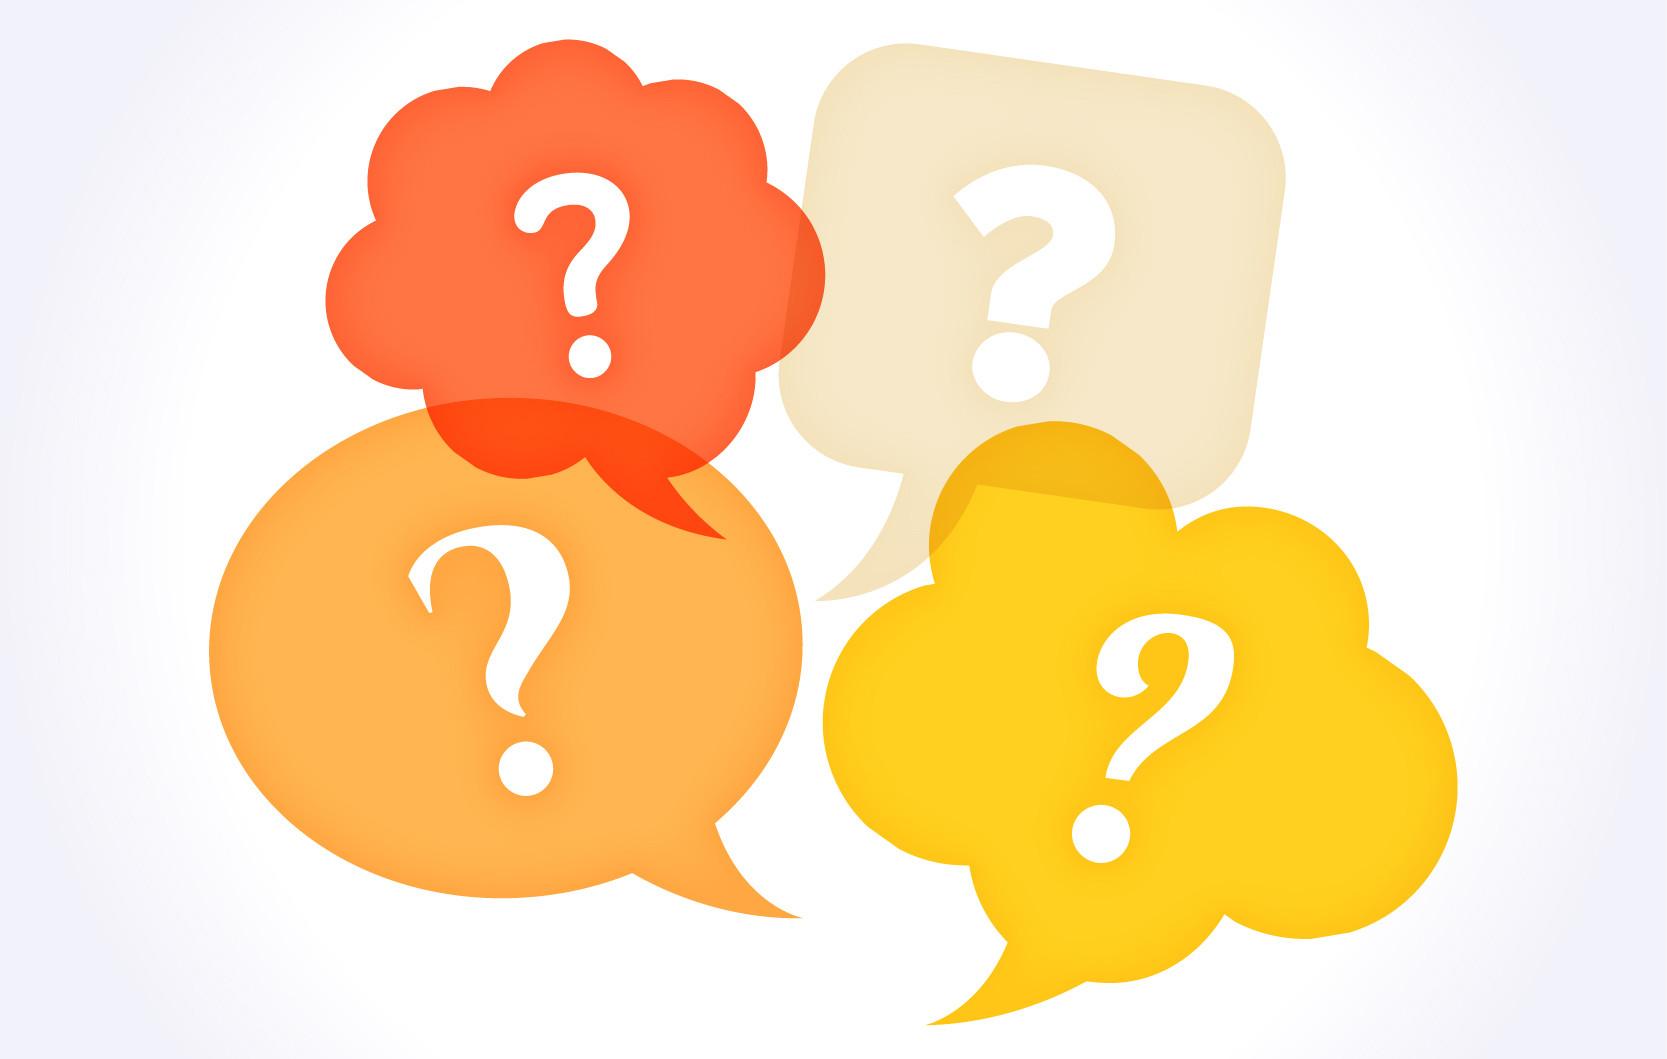 conclusão faqs - perguntas e respostas - perguntas frequentes respondidas